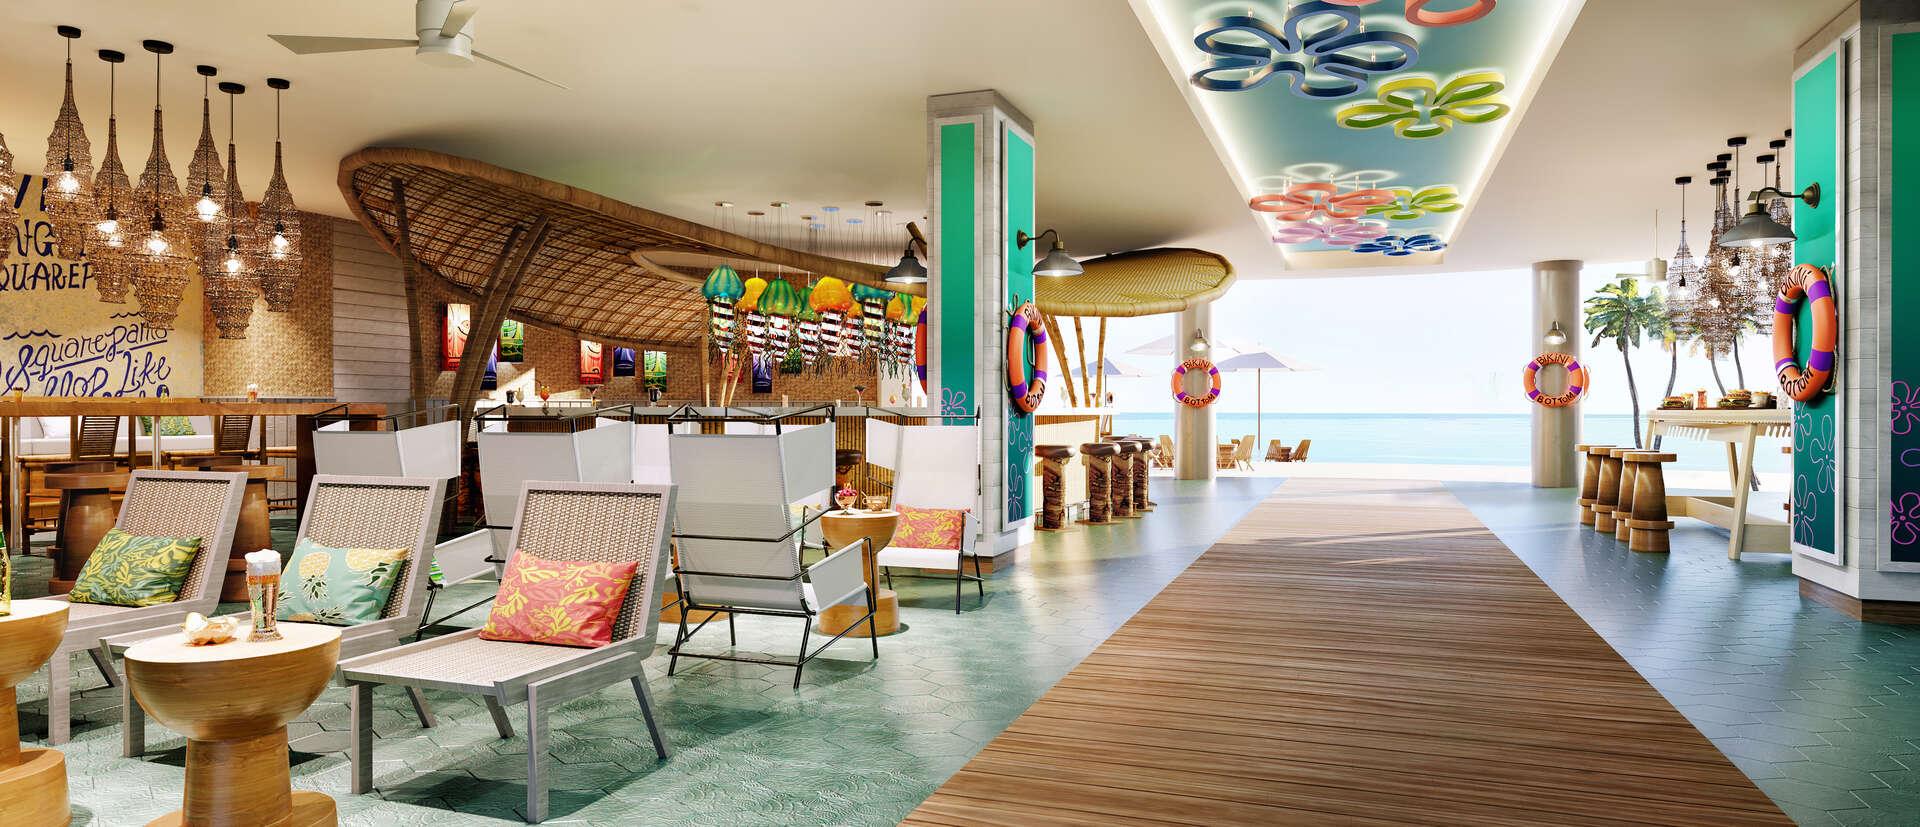 Hotel Nickelodeon Riviera Maya: Dónde está, precio, fotos y más